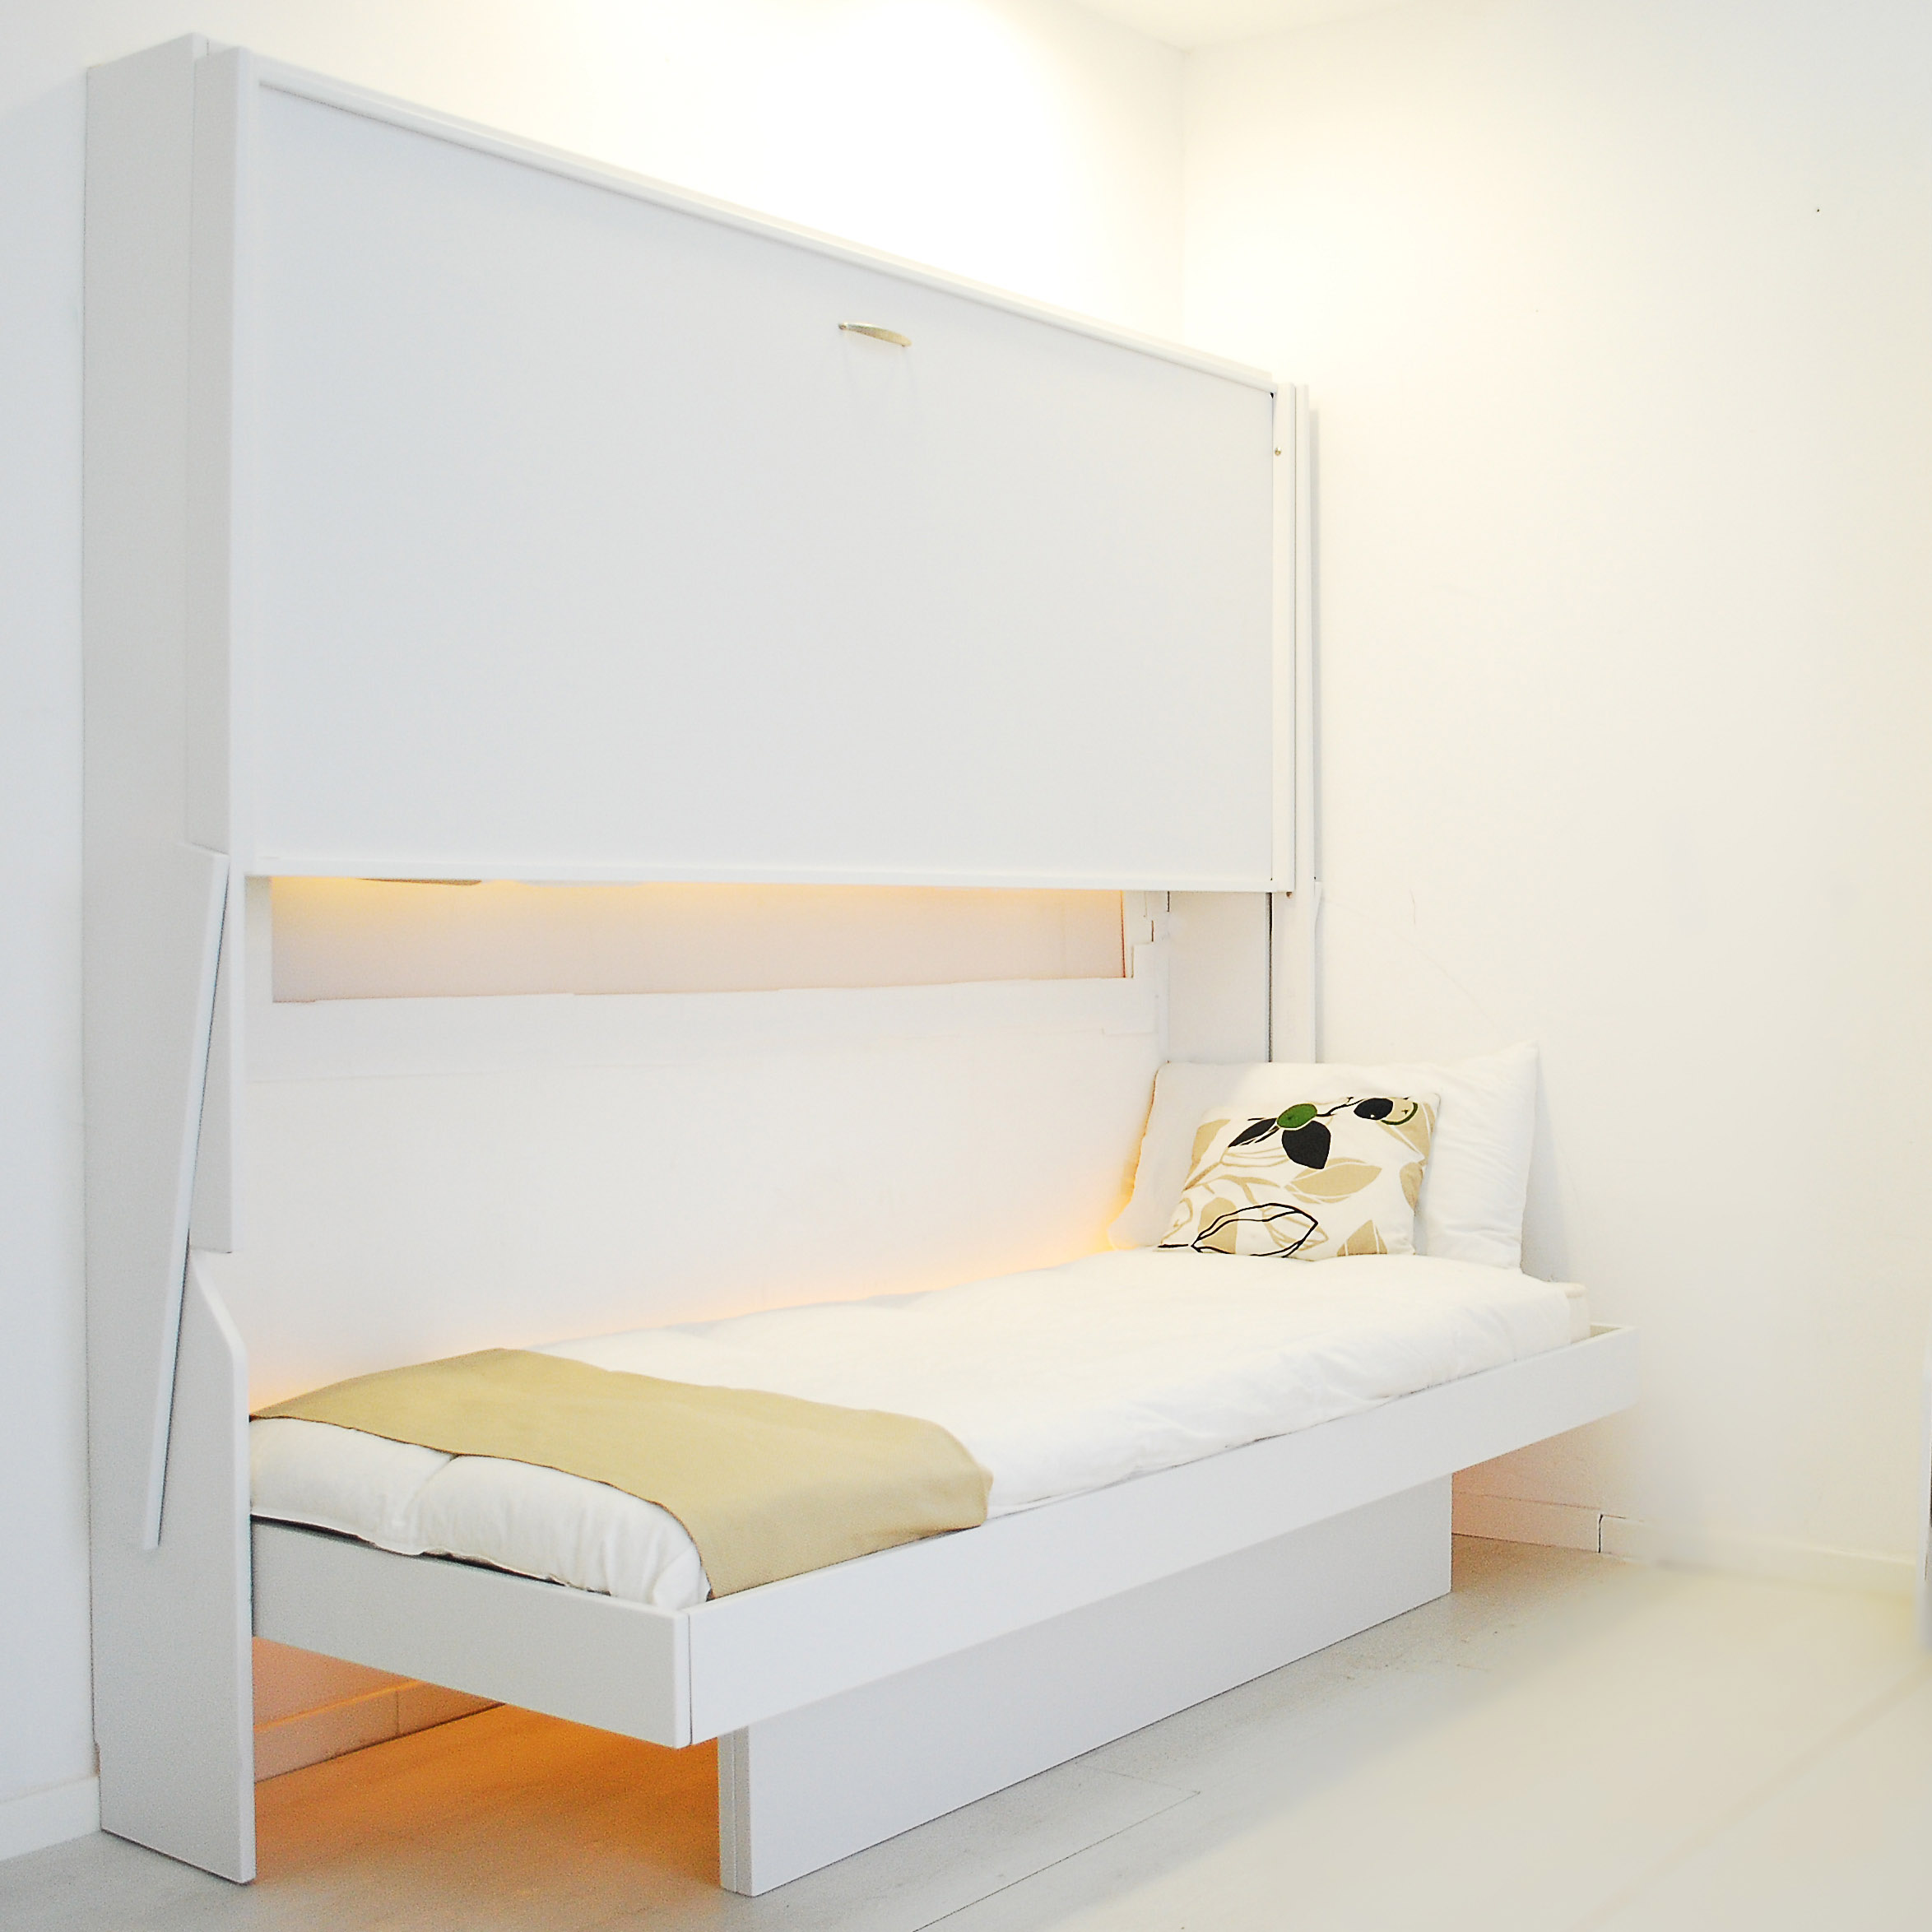 letto a scomparsa a castello consolle doppia bed